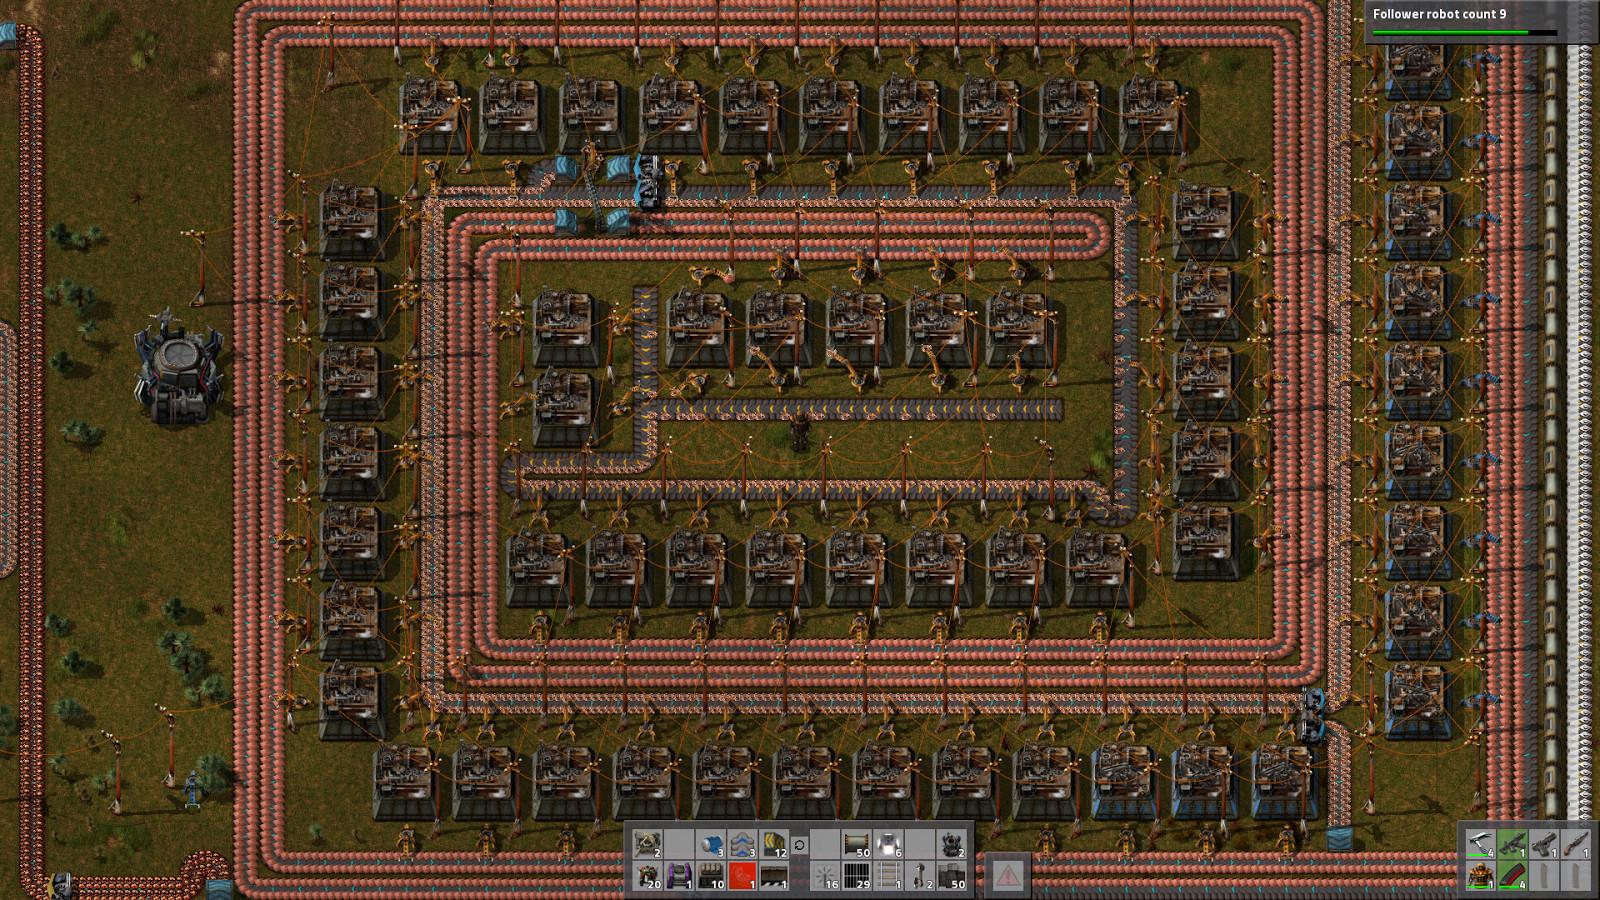 Factorio: Train No Path (Fix)